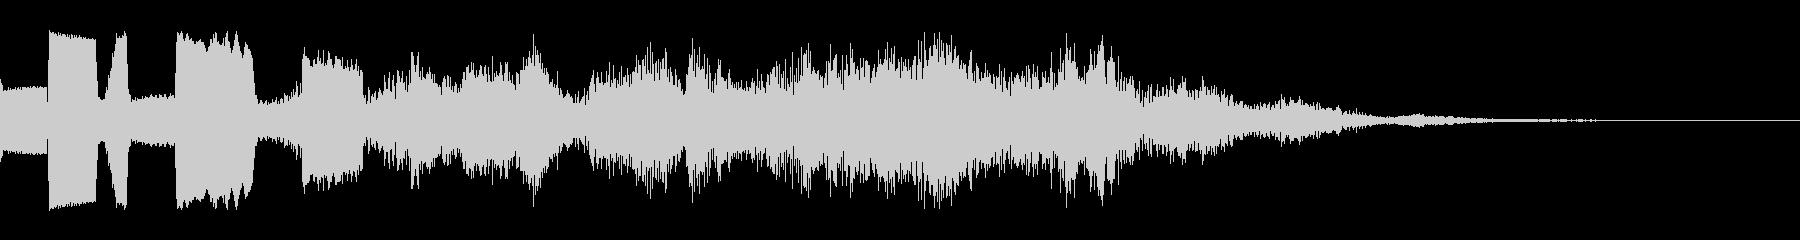 ゲーム用:決定音「ピリリリン」の未再生の波形